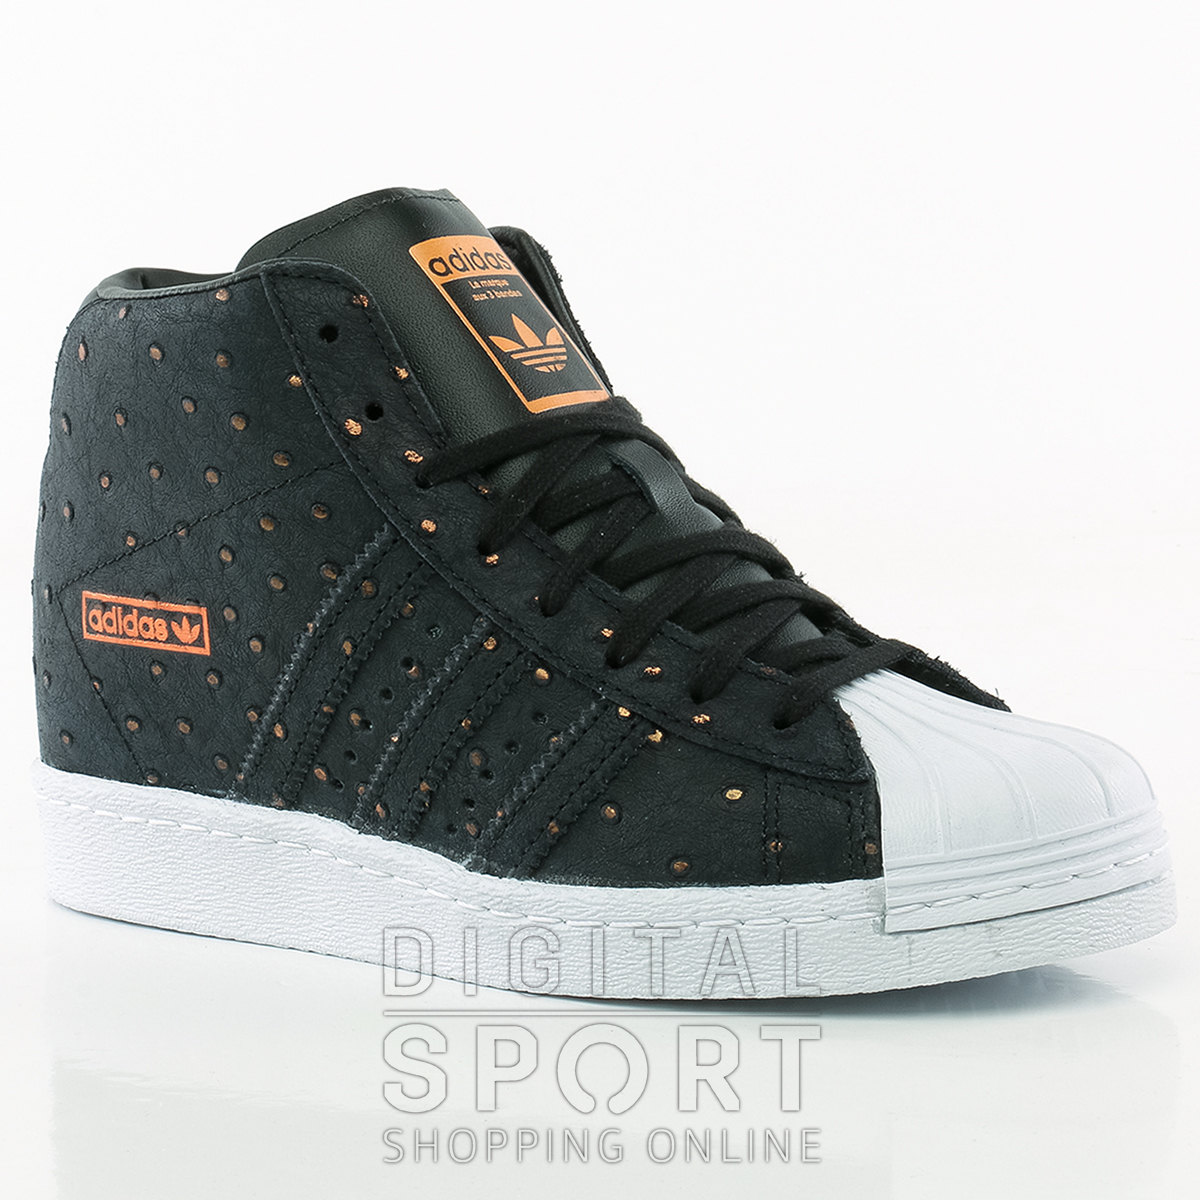 Y Adidas En Cualquier Mujer 2 Compre Zapatillas Botitas Caso Apagado 67IbvmYfyg